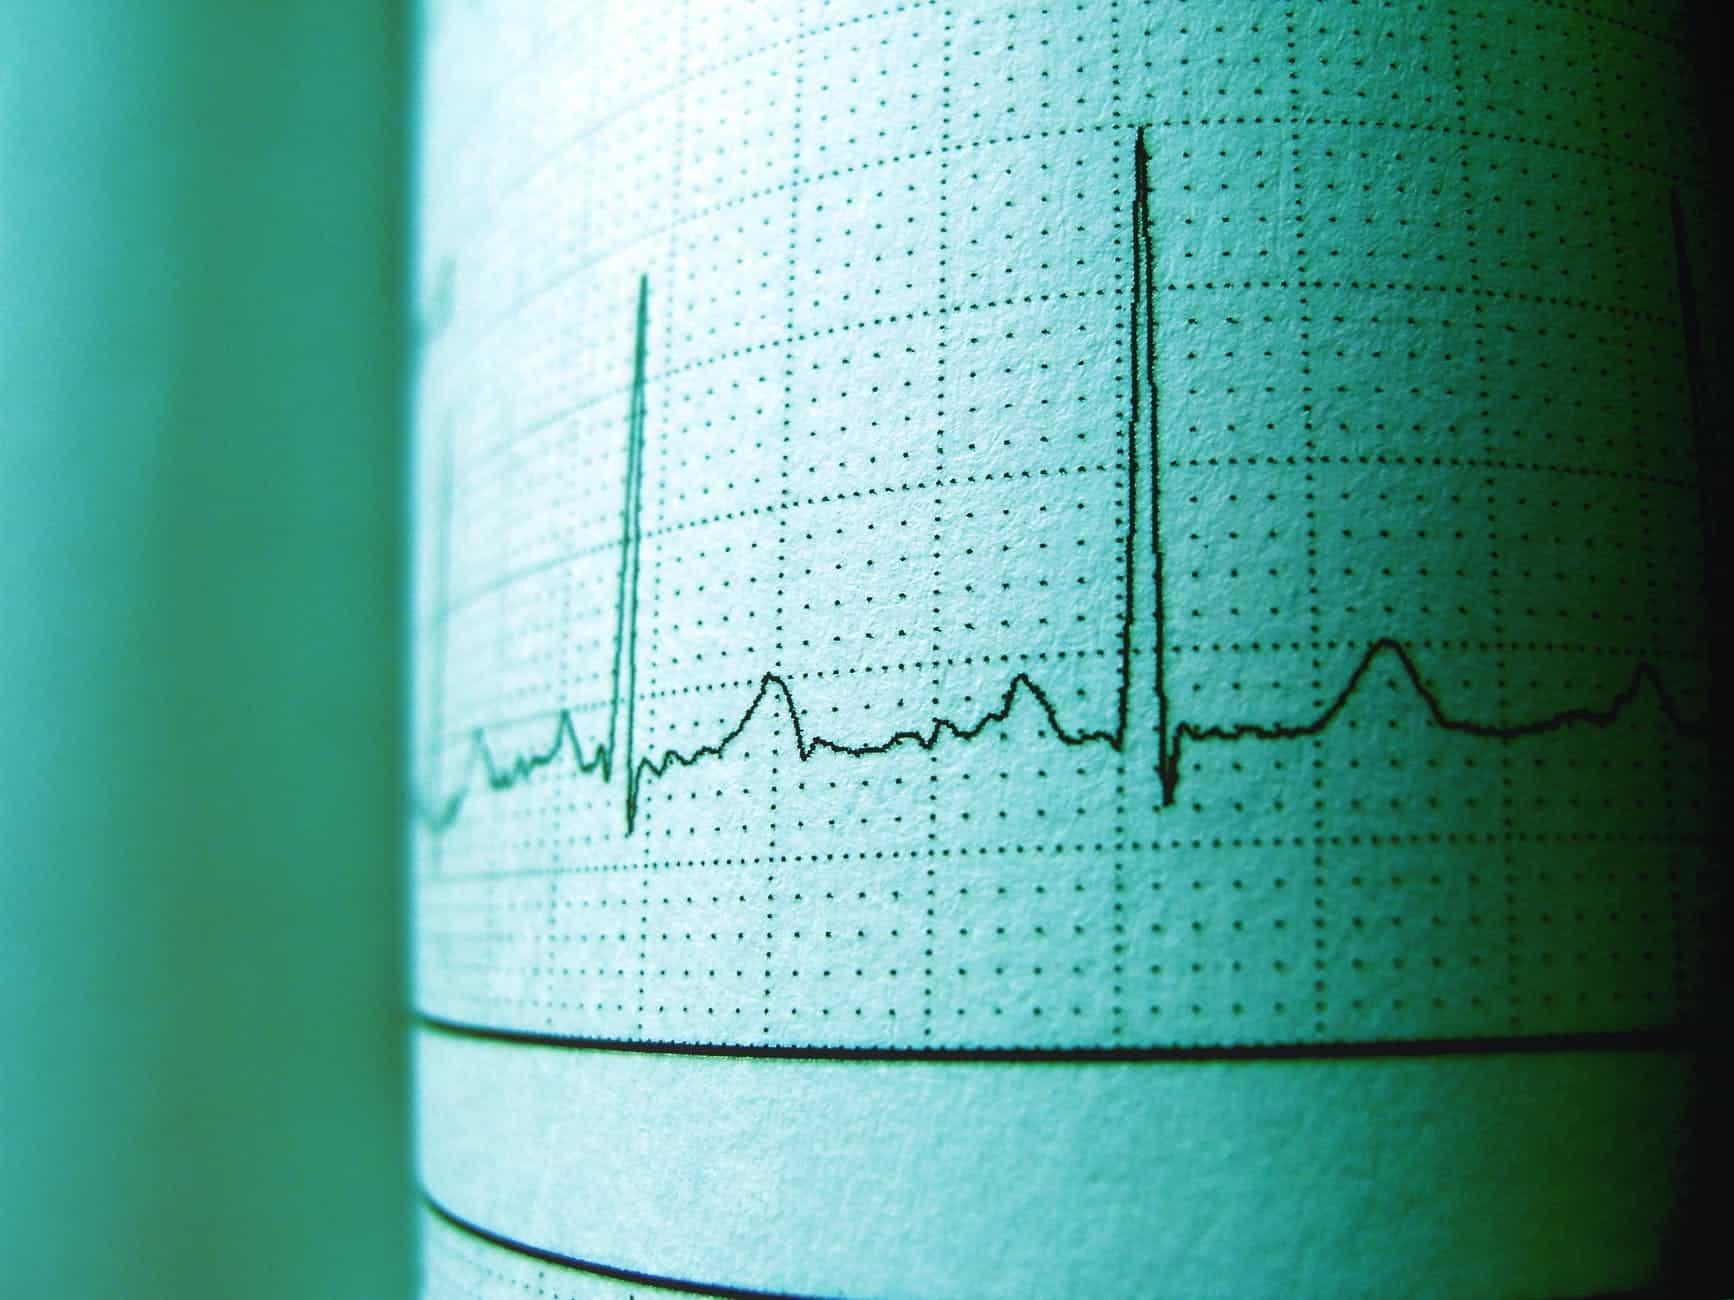 عدم انتظام ضربات القلب وطرق الوقاية